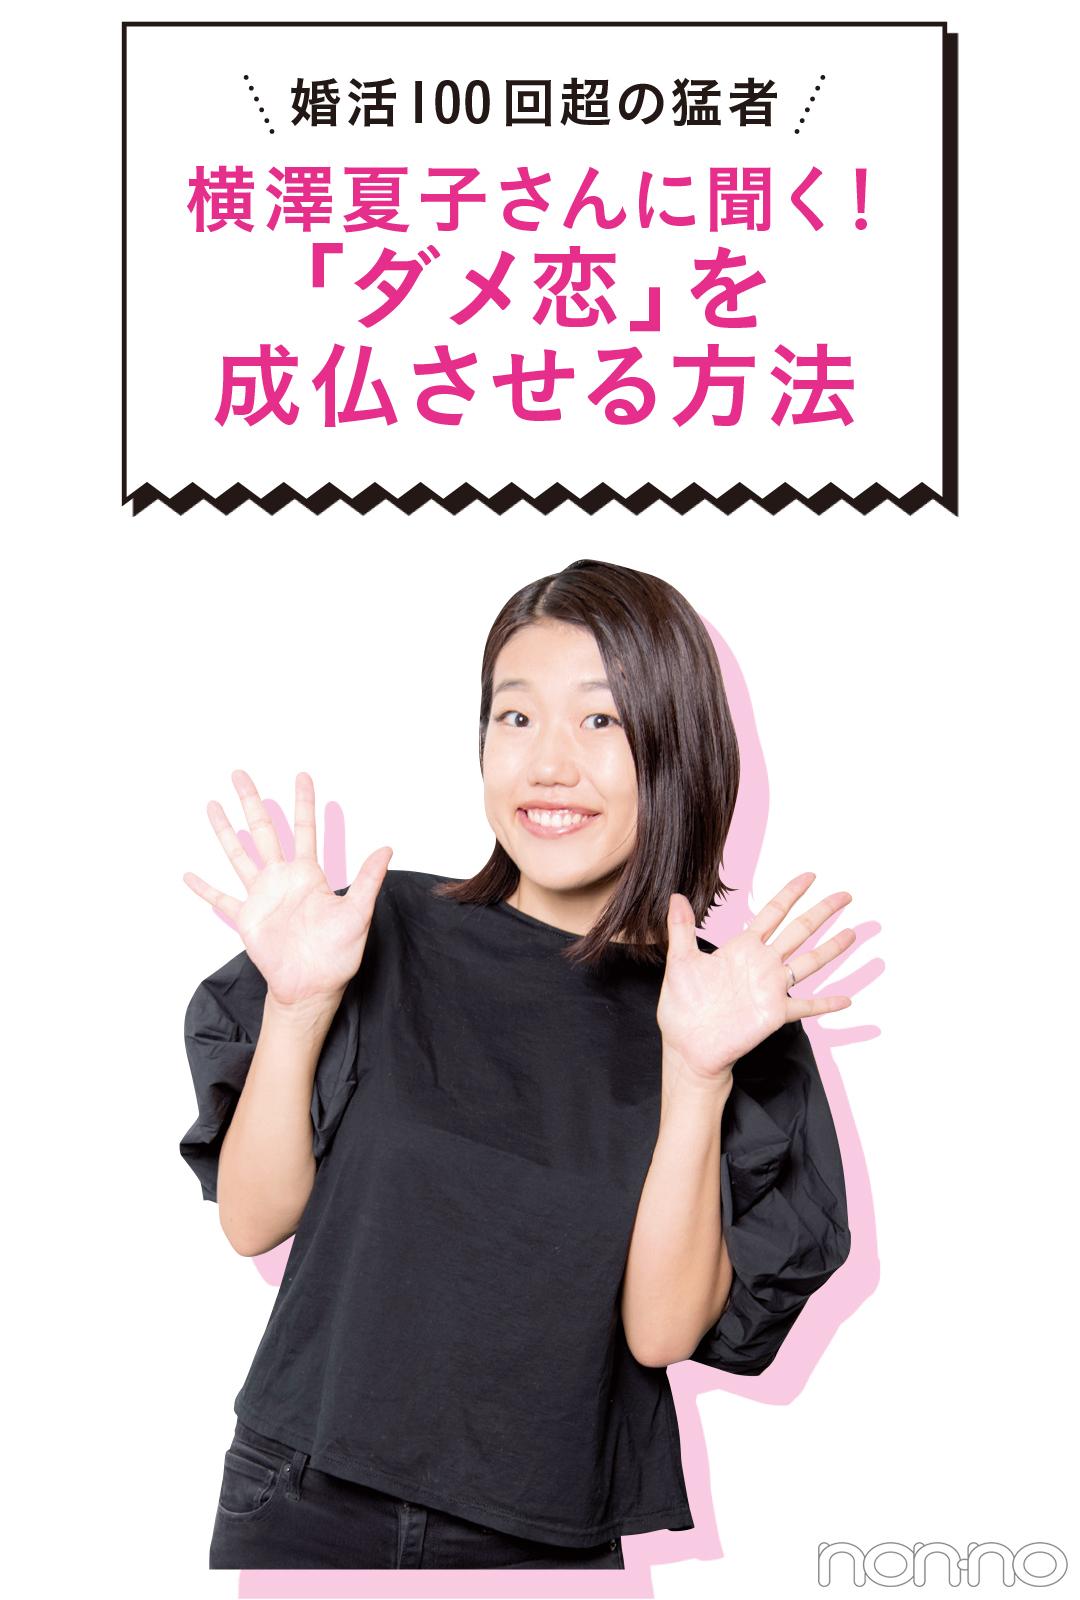 横澤夏子さんに聞く! 「ダメ恋」を成就させる方法